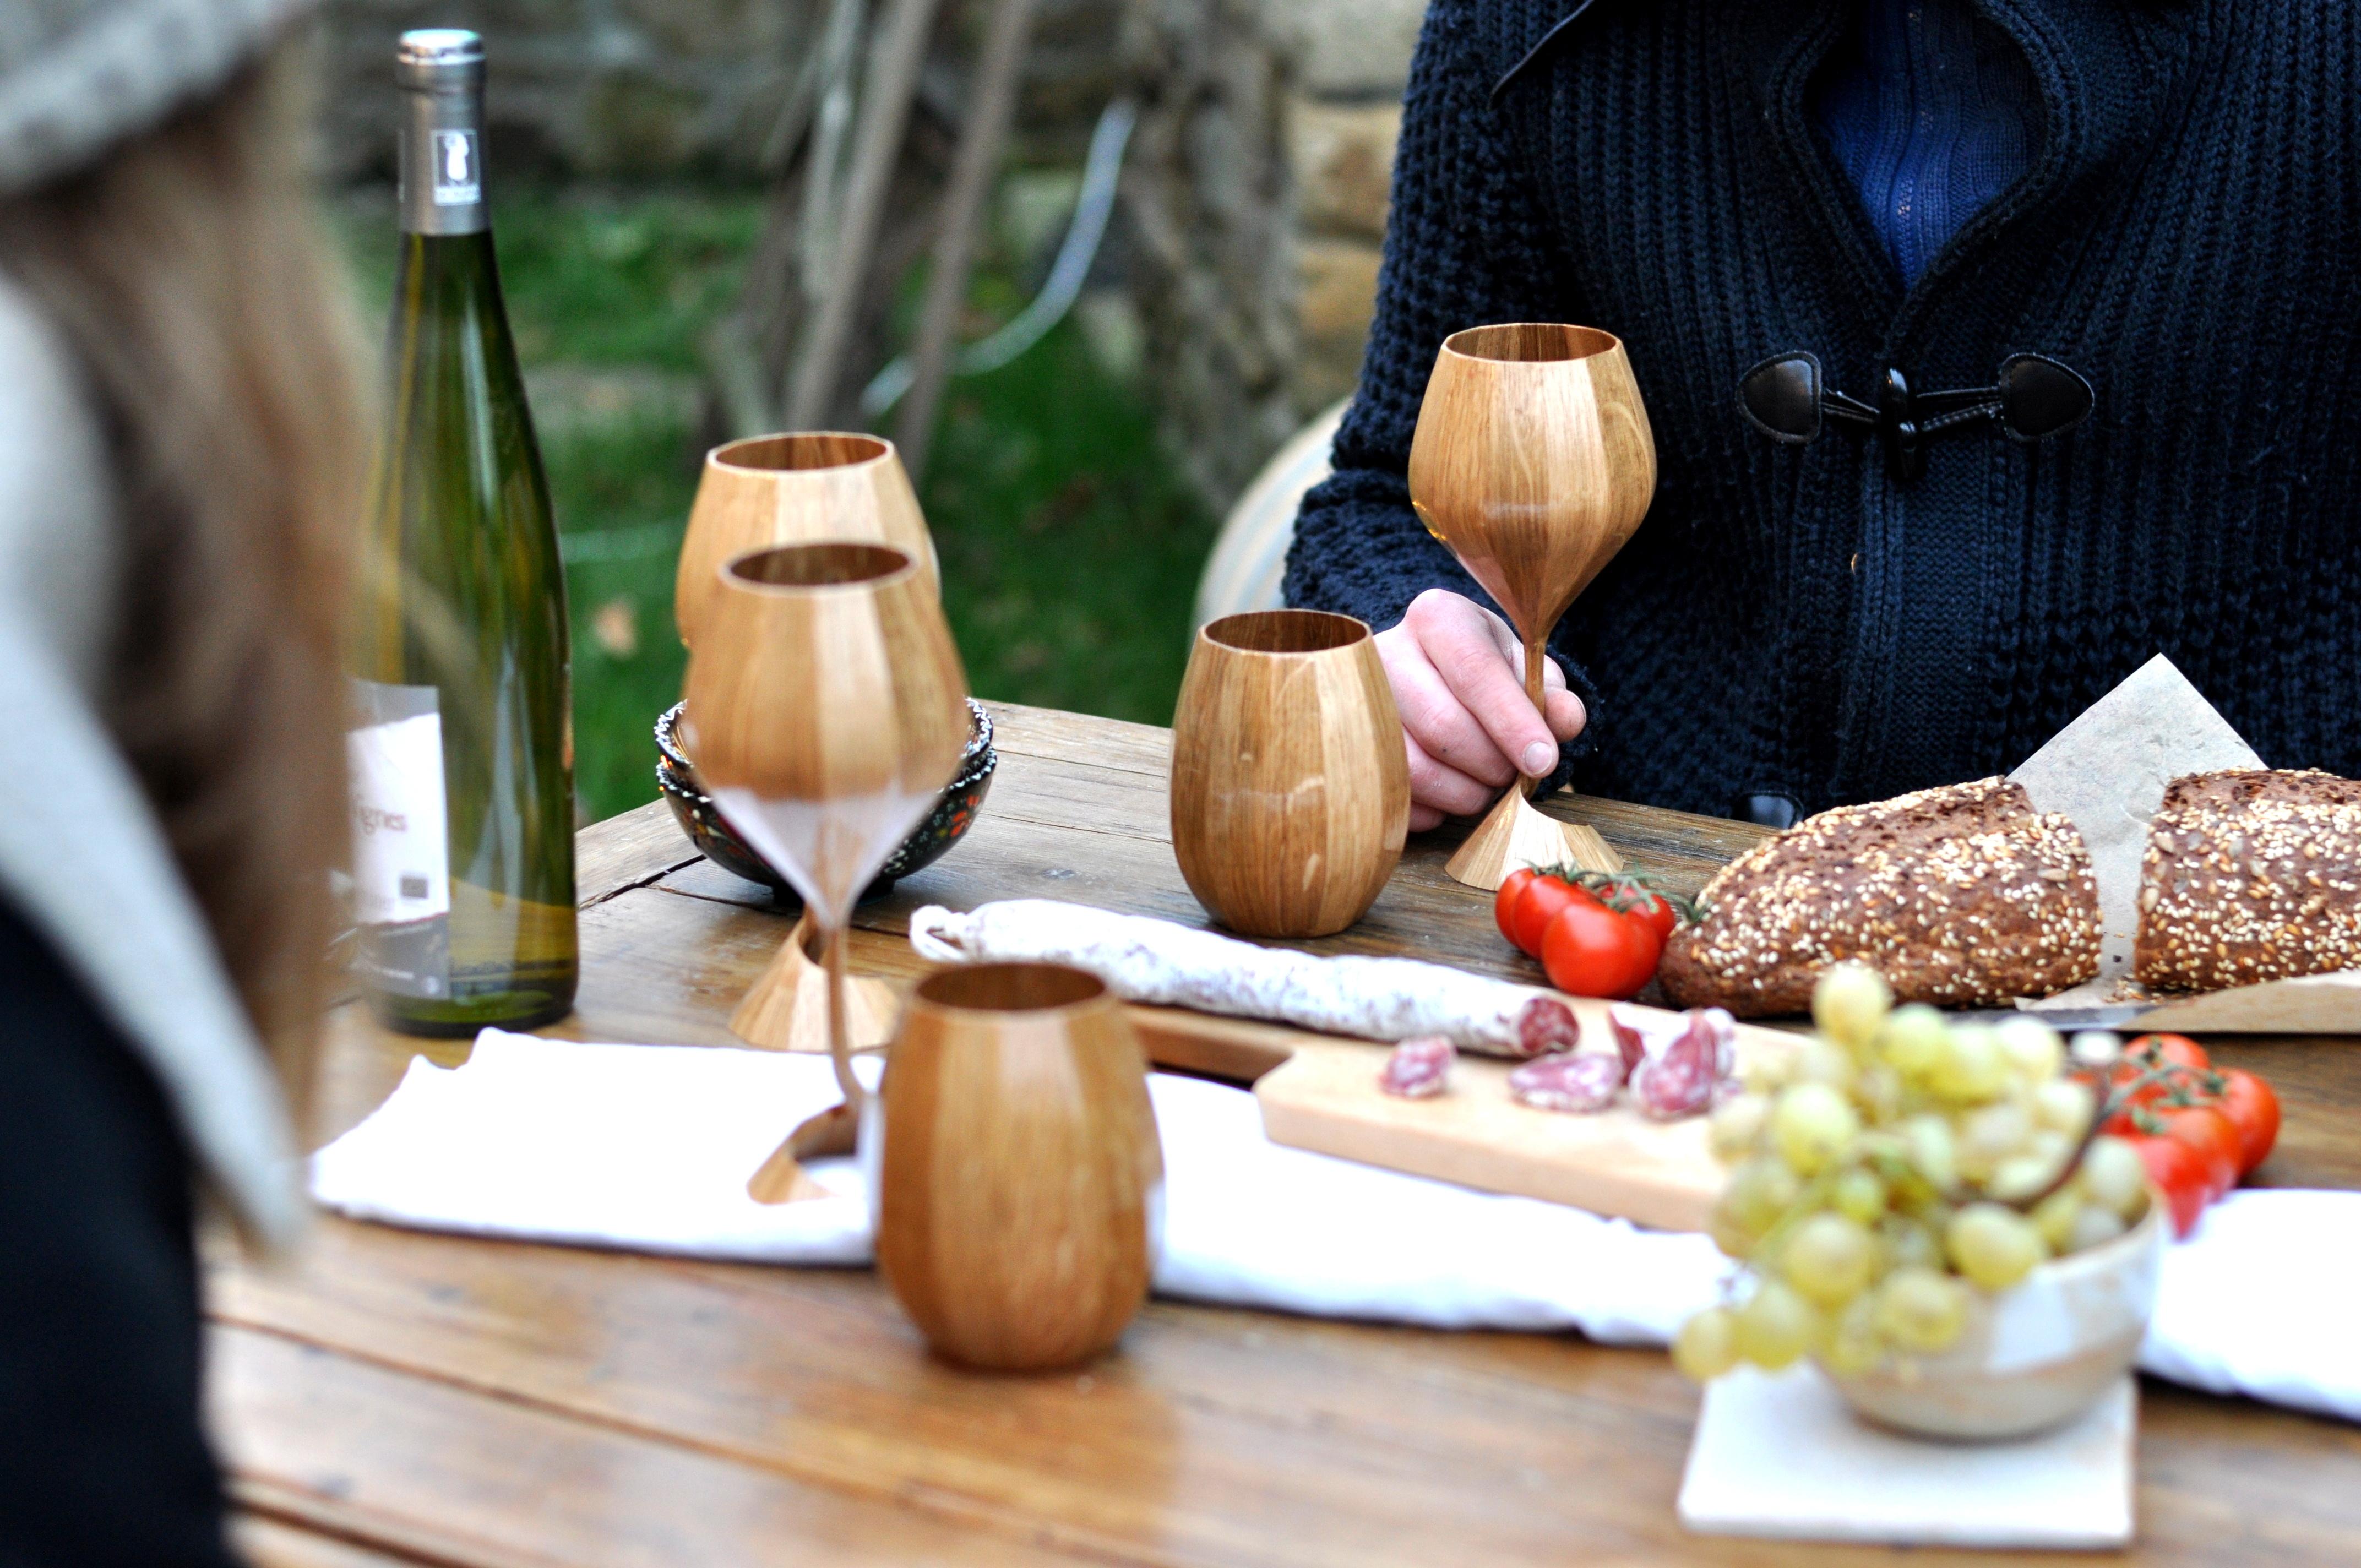 chouchêne L'art de la table revisité par Chouchêne